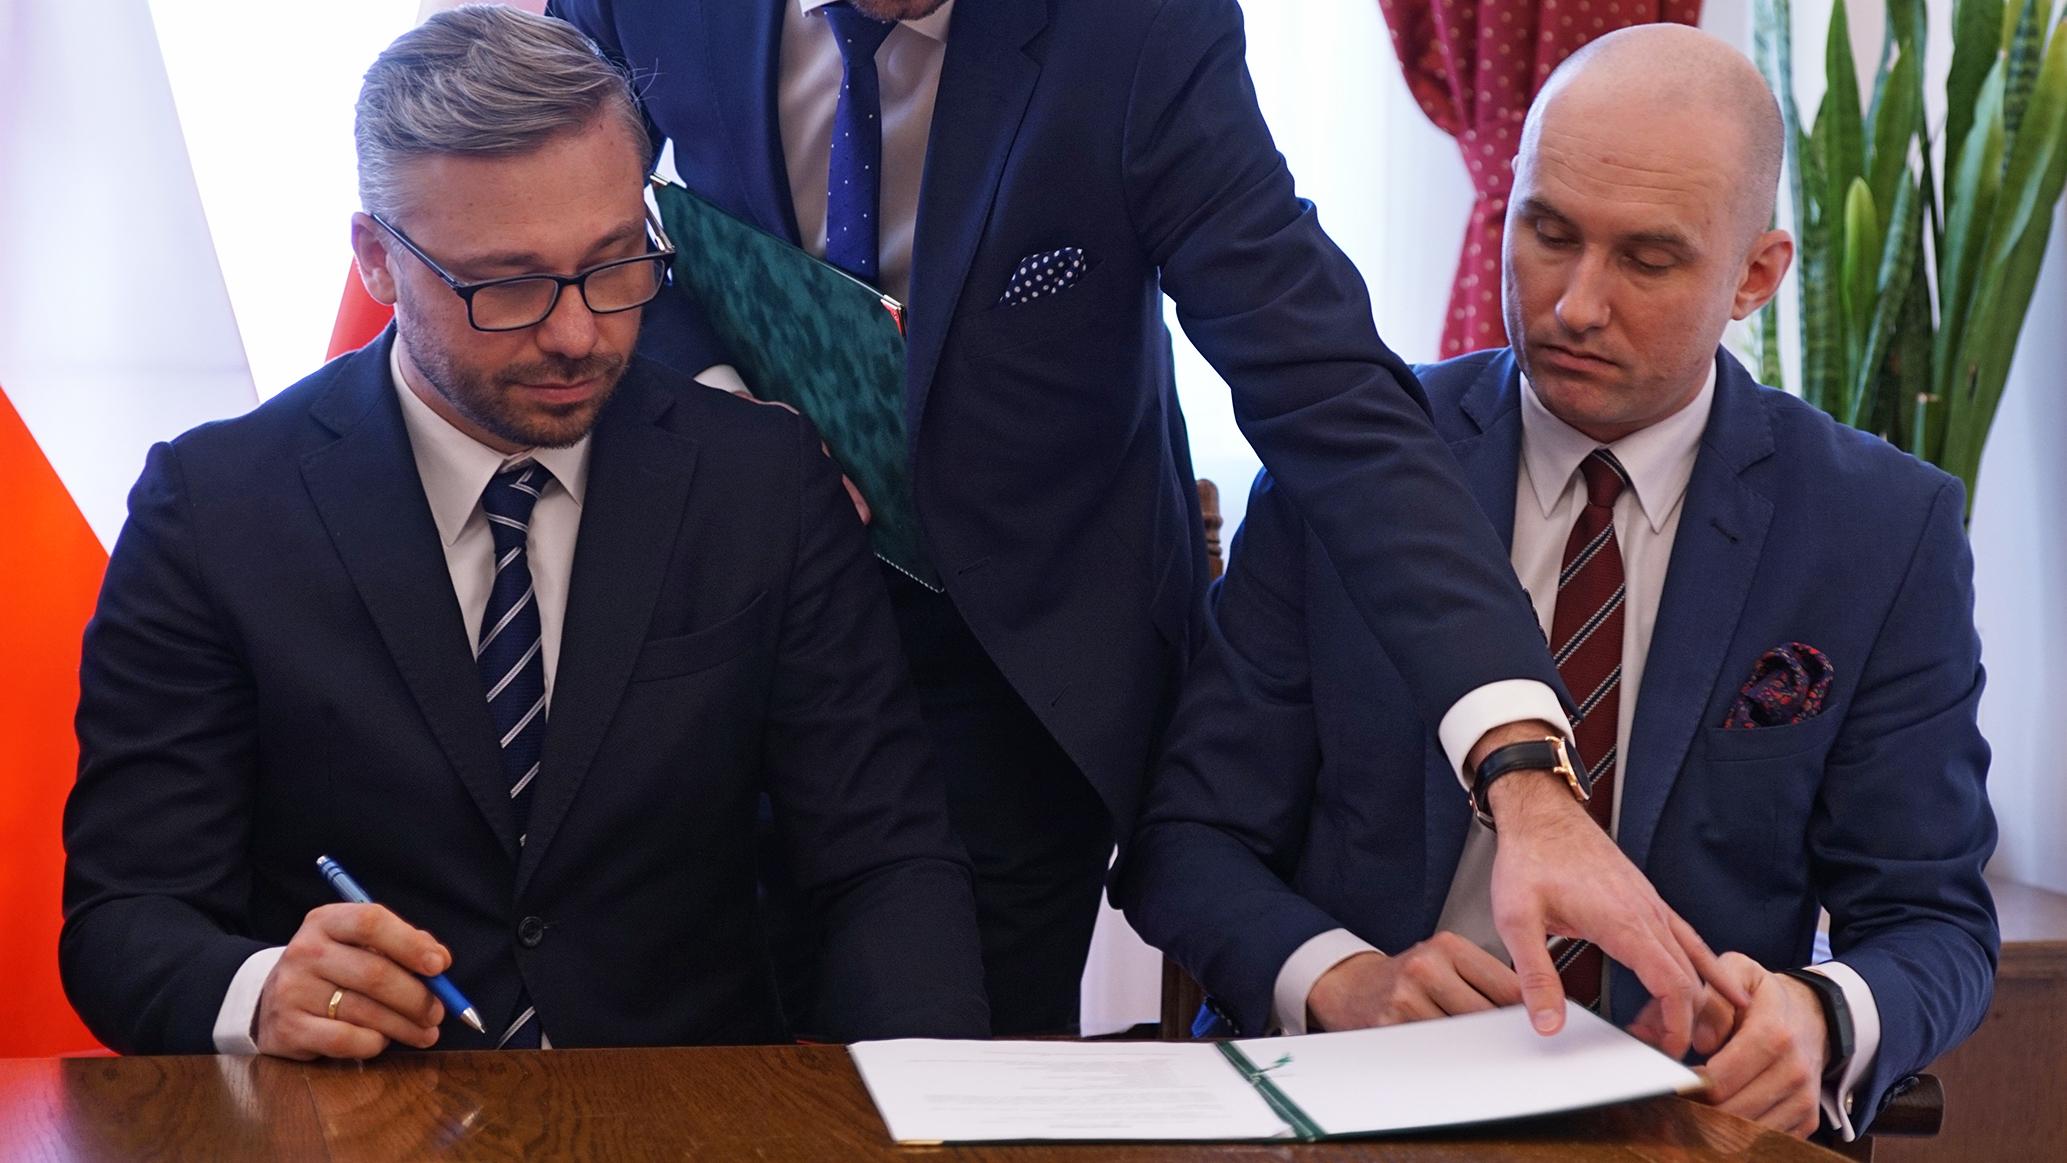 Uroczyste podpisanie dokumentu